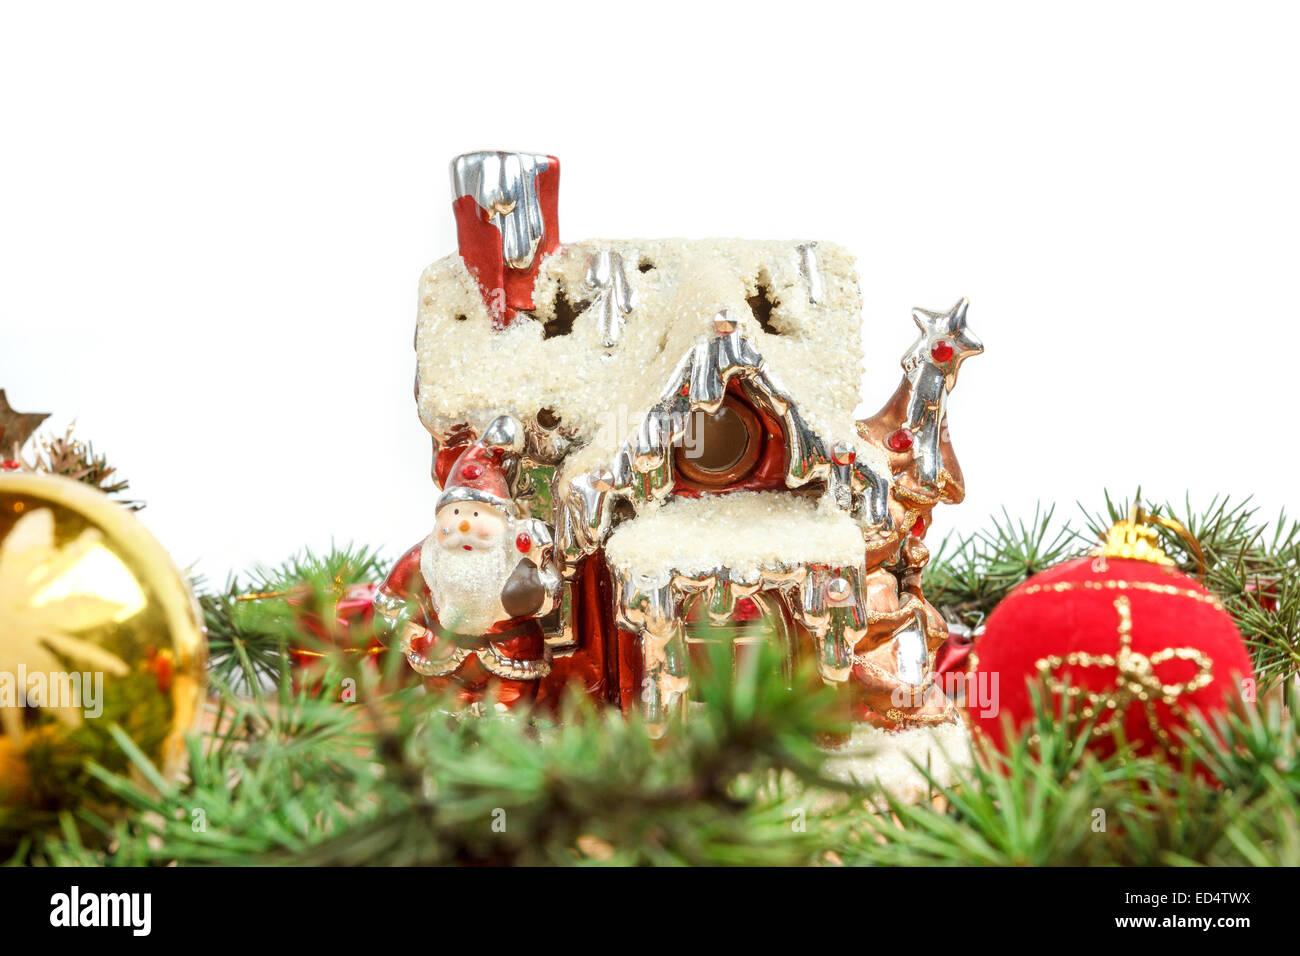 Porzellan Weihnachten.Porzellan Haus Mit Santa Und Dekorationen Rund Um Und Mit